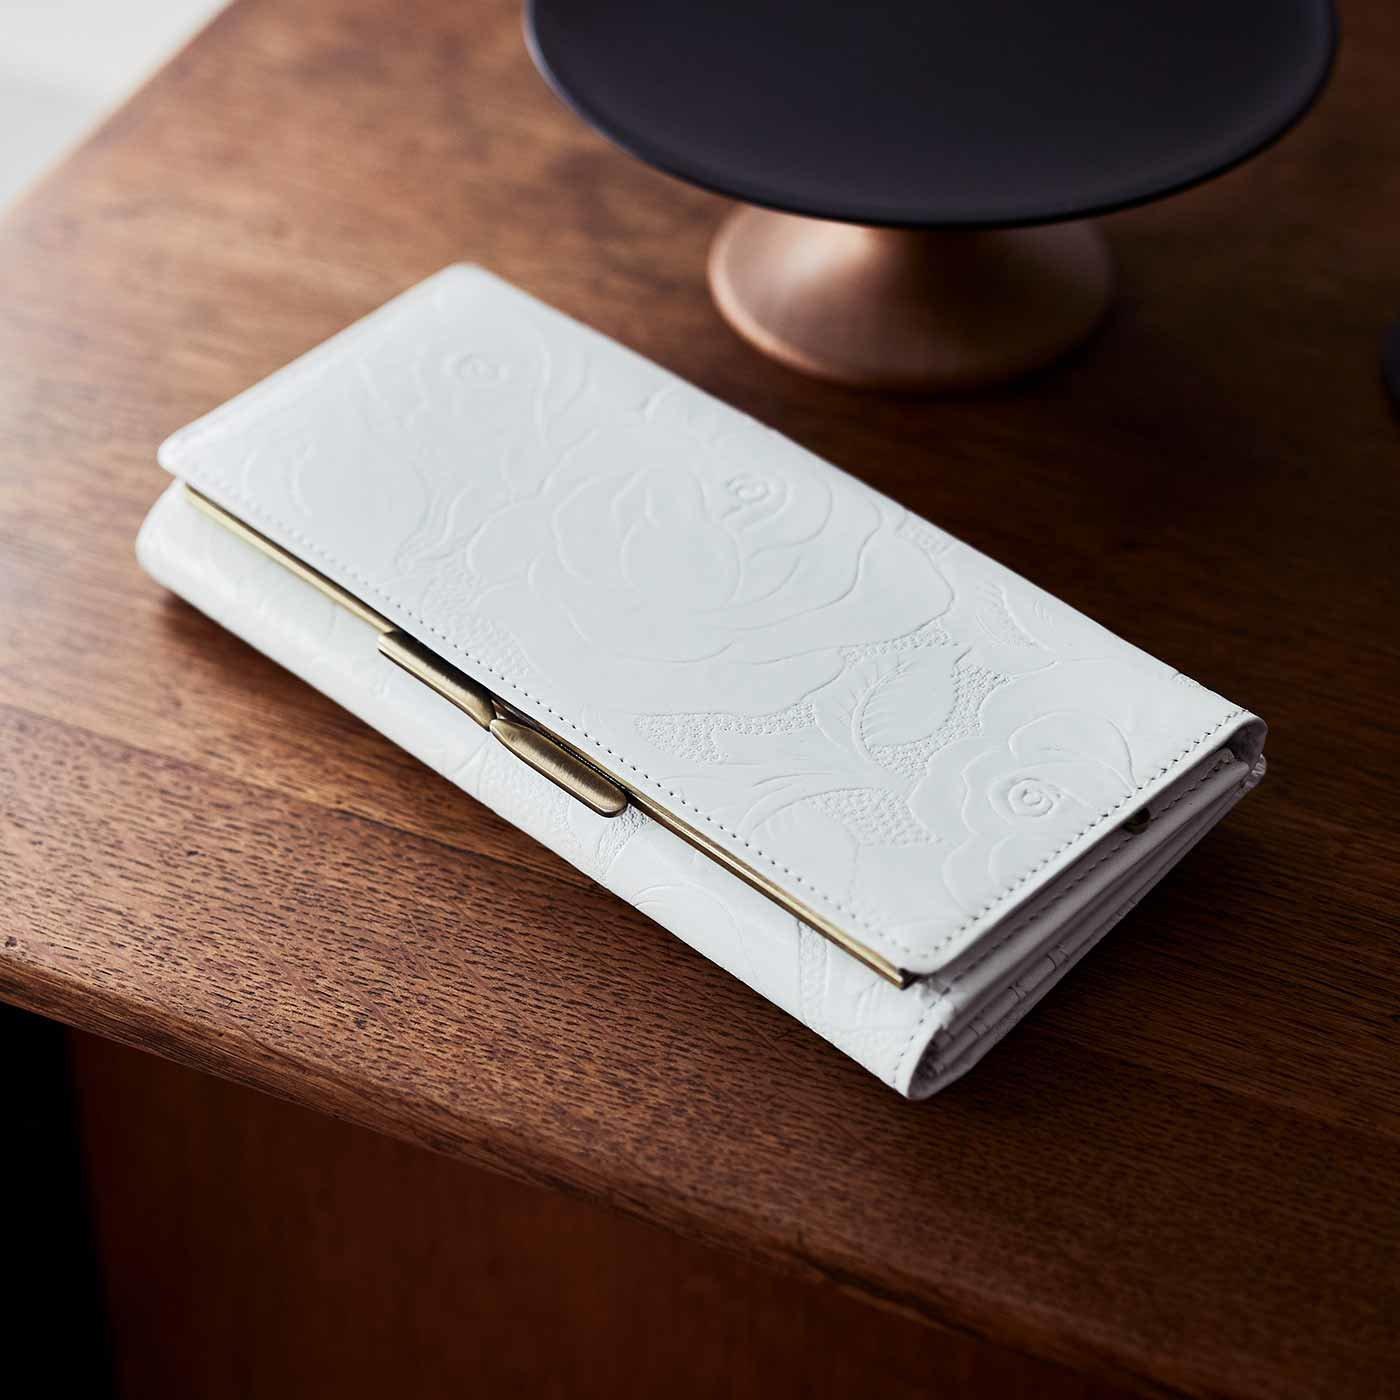 財布&革職人が叶えた 薔薇の刻印 長財布〈ホワイトローズ〉[本革 財布:日本製]